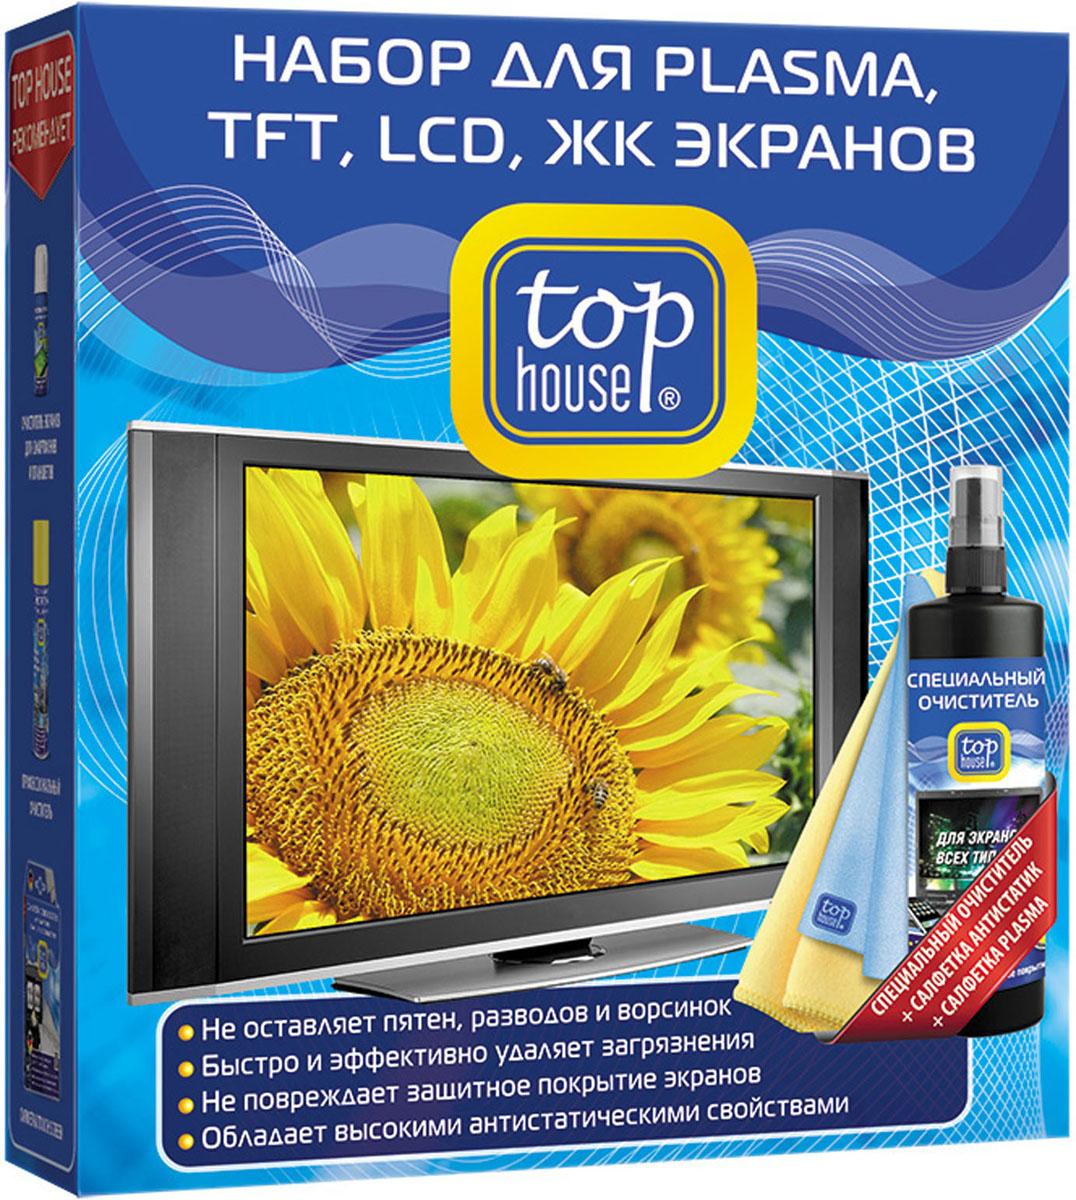 Набор для ухода за Plasma, TFT, LCD, ЖК экранами Top House, 3 предмета391596Набор Top House состоит из специального очистителя, салфетки и салфетки-антистатика. Набор разработан по современной технологии с учетом рекомендаций ведущих производителей аудио- и видеотехники, оргтехники и цифровых устройств. Набор предназначен для качественной очистки и повседневного ухода за экранами TFT и плазменных панелей, ЖК-телевизоров, LCD-мониторов, проекционных и ЭЛТ телевизоров, ноутбуков, КПК, смартфонов, коммуникаторов и цифровых фоторамок. Набор идеально удаляет любые загрязнения, не повреждает защитное покрытие экранов, обладает длительным антистатическим эффектом. Не оставляет ворсинок, царапин и разводов. Очиститель подходит для всех типов экранов. Для достижения наилучшего результата используйте очиститель совместно с безворсовой тканой салфеткой. Для сбора пыли без увлажнения и снятия статического электричества используйте салфетку-антистатик. Состав средства: менее 5% неионные ПАВ, растворитель (бутилгликоль), антистатик, ароматизаторы,...